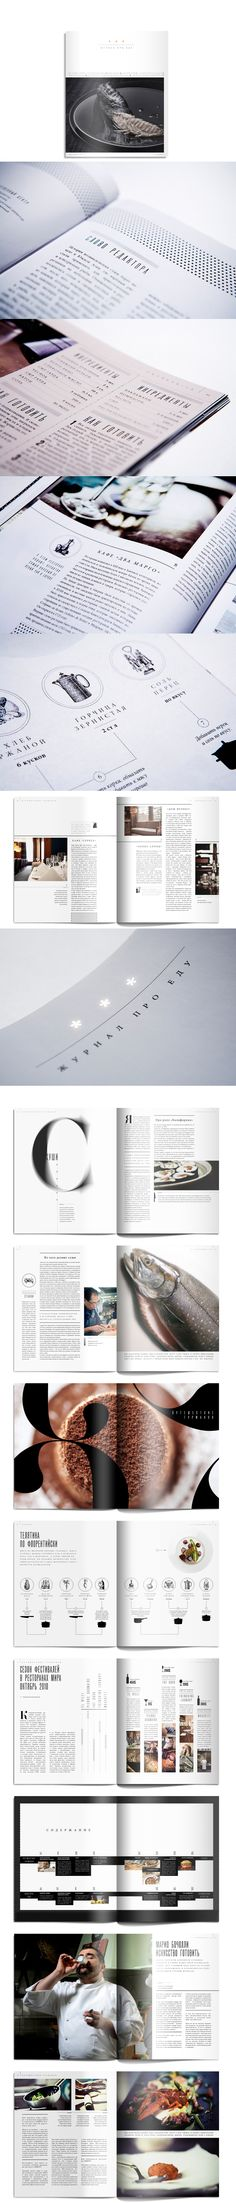 Food Magazine Editorial Design..